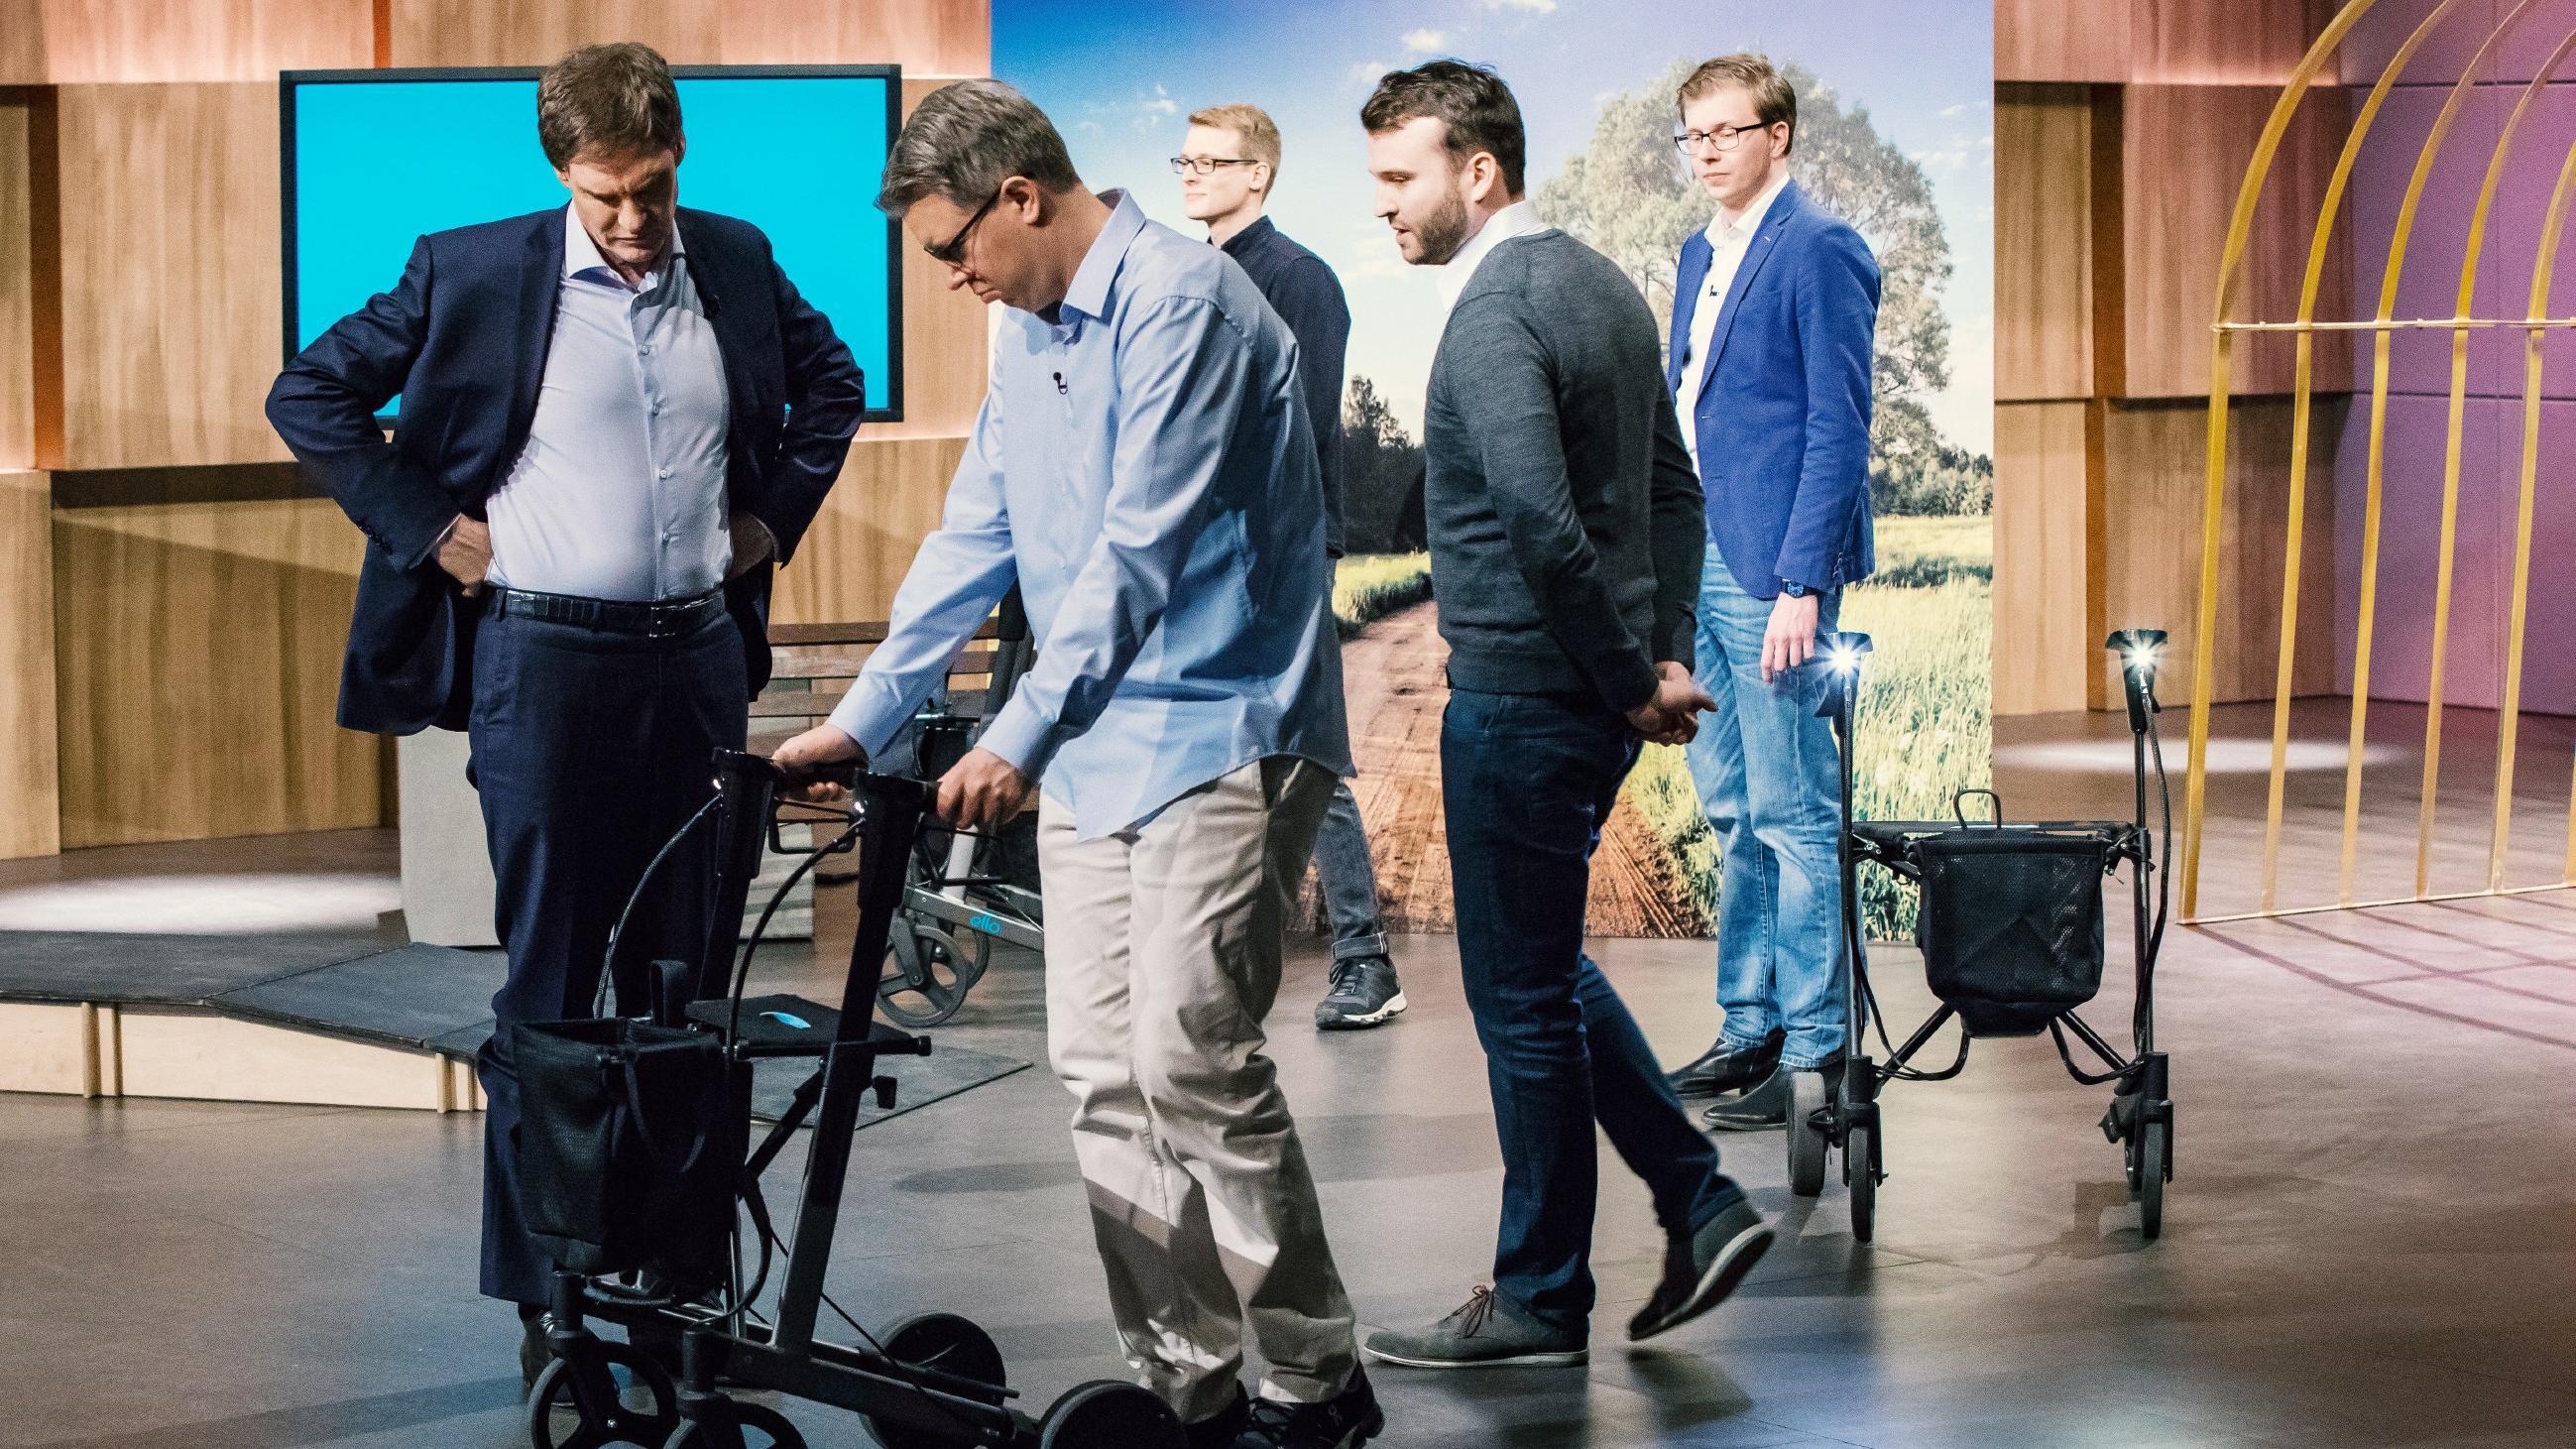 Die Hohle Der Lowen 2018 Drei Lowen Kampfen Um Den E Rollator Ello